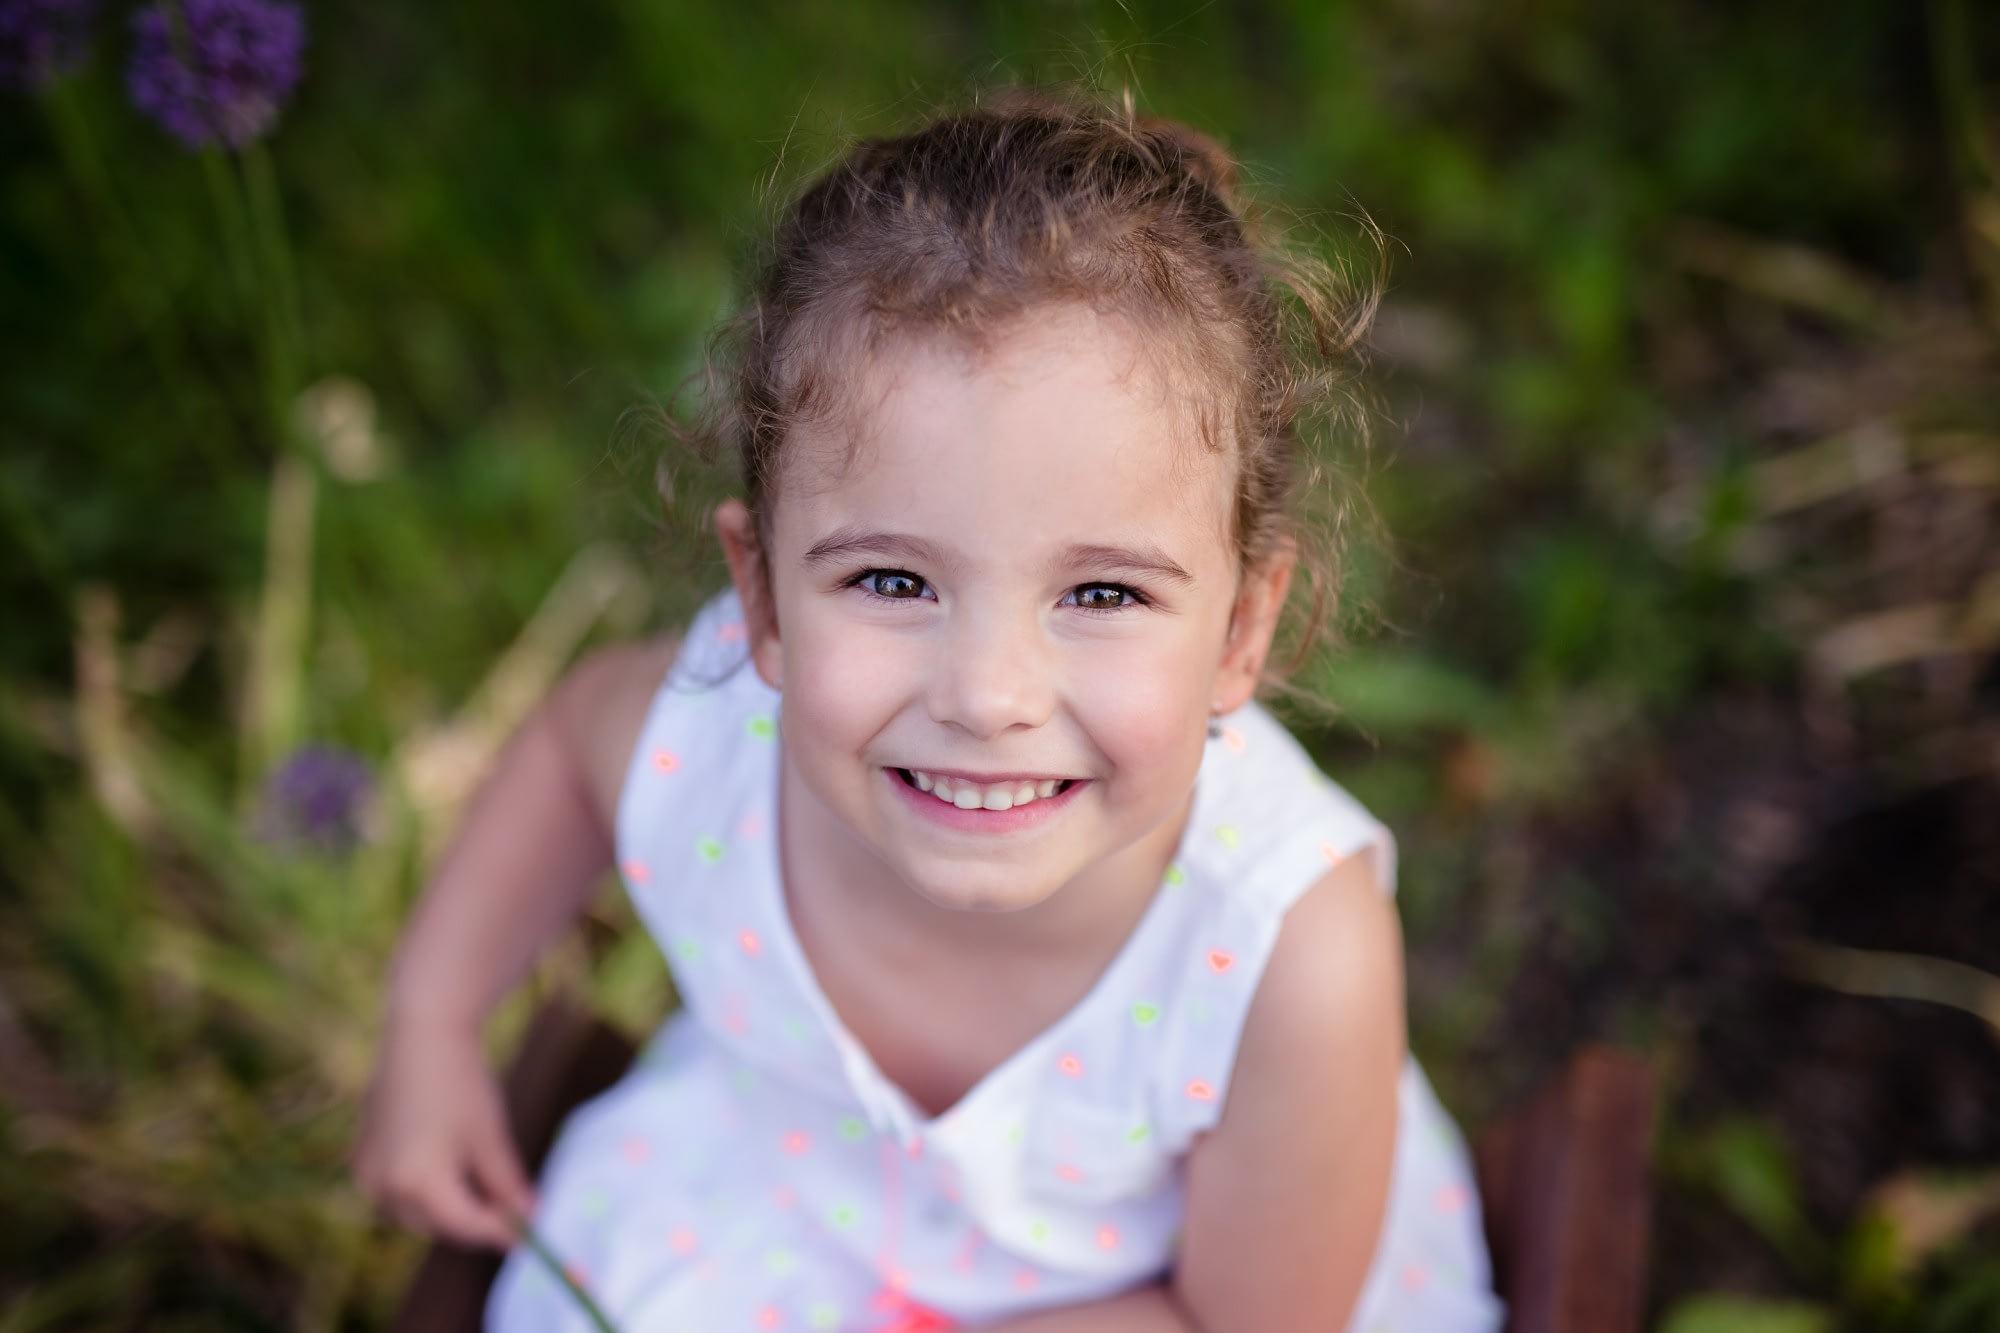 Dětský portrét holčičky v přírodě